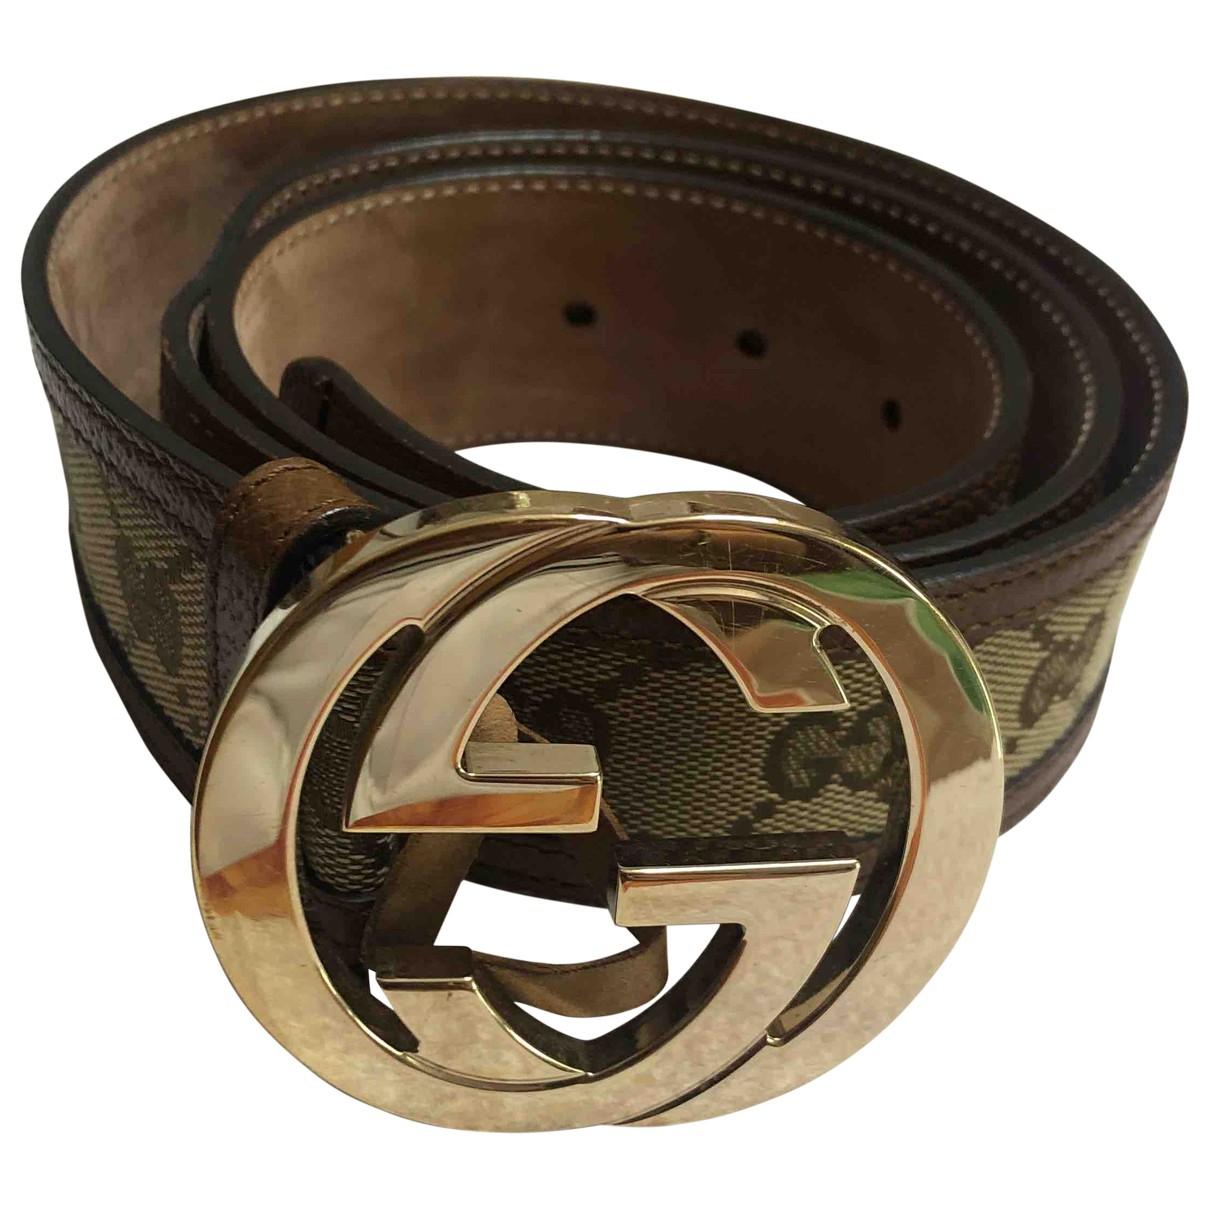 Cinturon GG Buckle de Lona Gucci